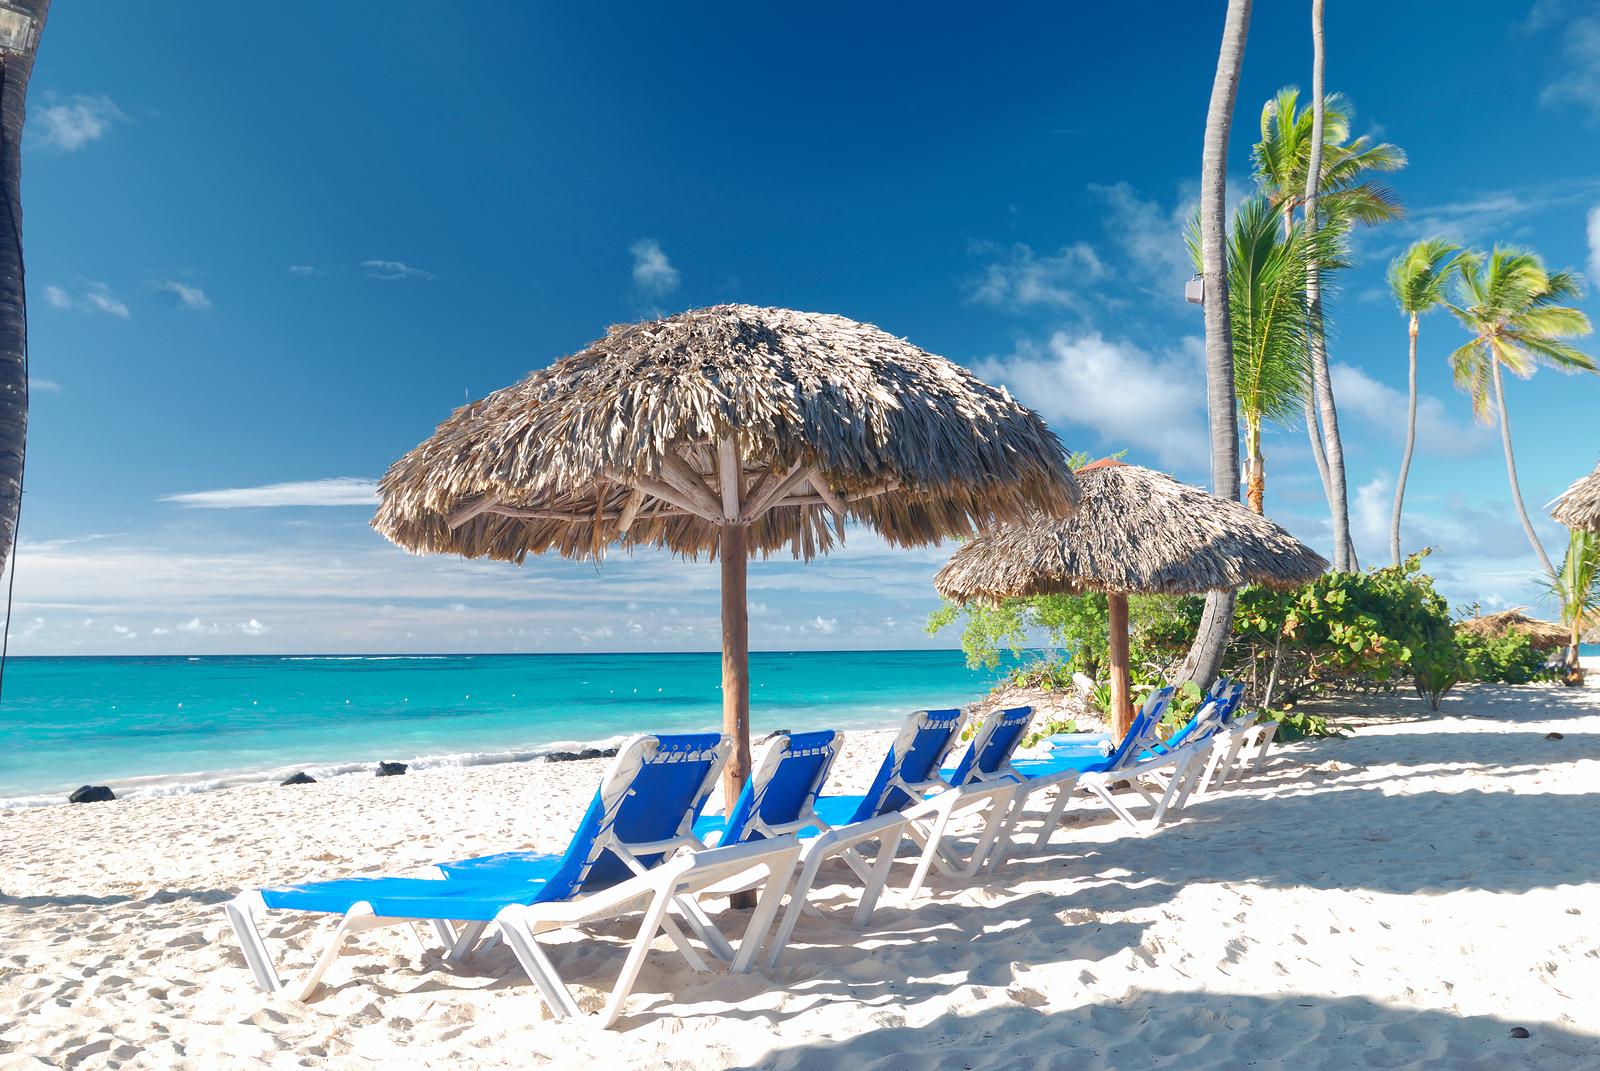 una nuova vita nel caribe essere felici